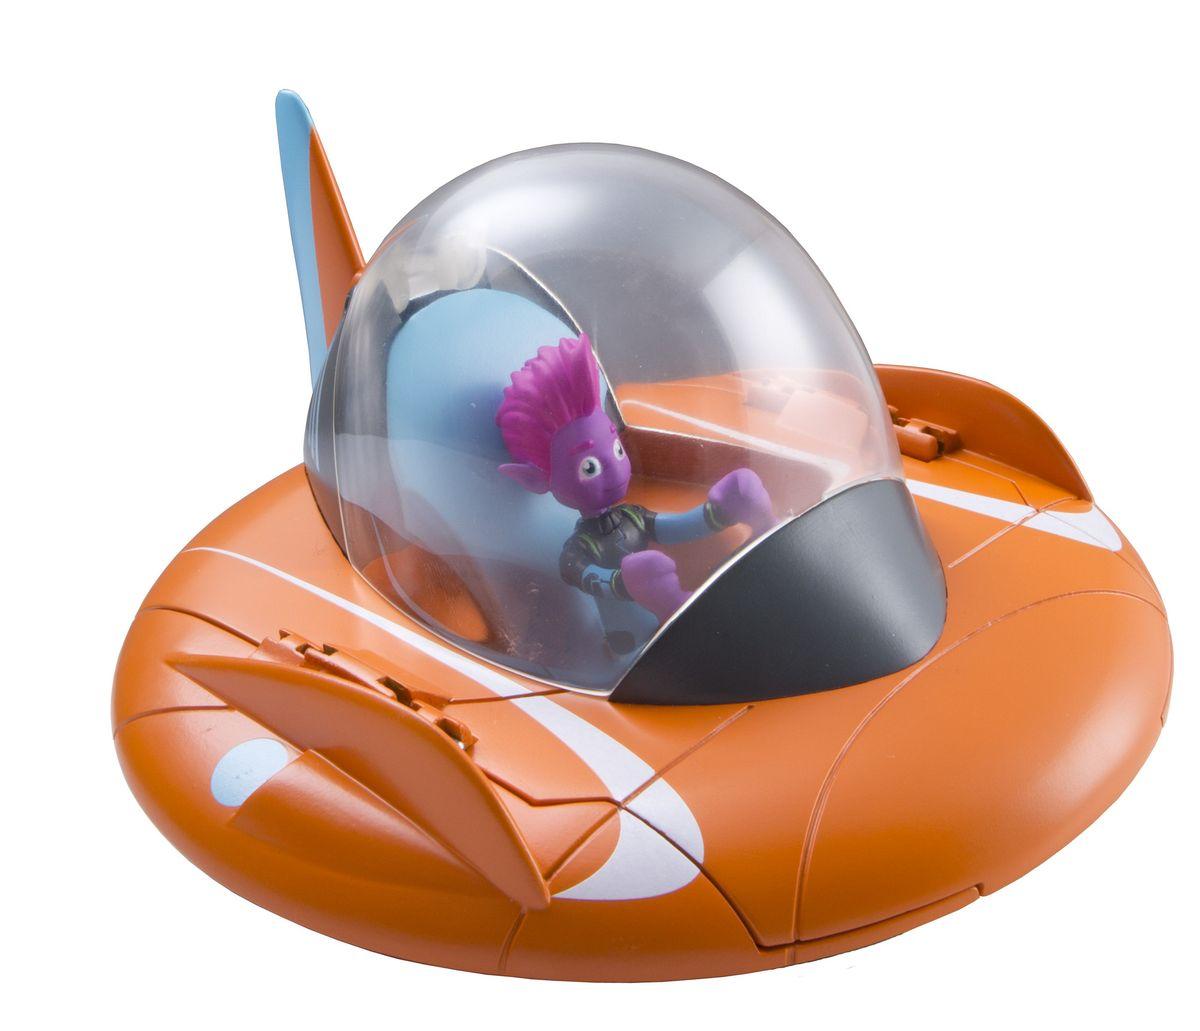 Miles from Tomorrowland Летающая тарелка86211Летающая тарелка Miles from Tomorrowland оранжевого цвета может трансформироваться в планетоход: у нее складываются боковые плоскости и выдвигаются шасси, которые позволяют передвигаться по любой поверхности. Фигурка Пипа входит в комплект. Маленький розовый инопланетянин очень органично смотрится за штурвалом своего летательного аппарата. Порадуйте своего ребенка любимым персонажем из мультфильма, и он поразит вас полетом и новыми приключениями хорошо знакомых героев.